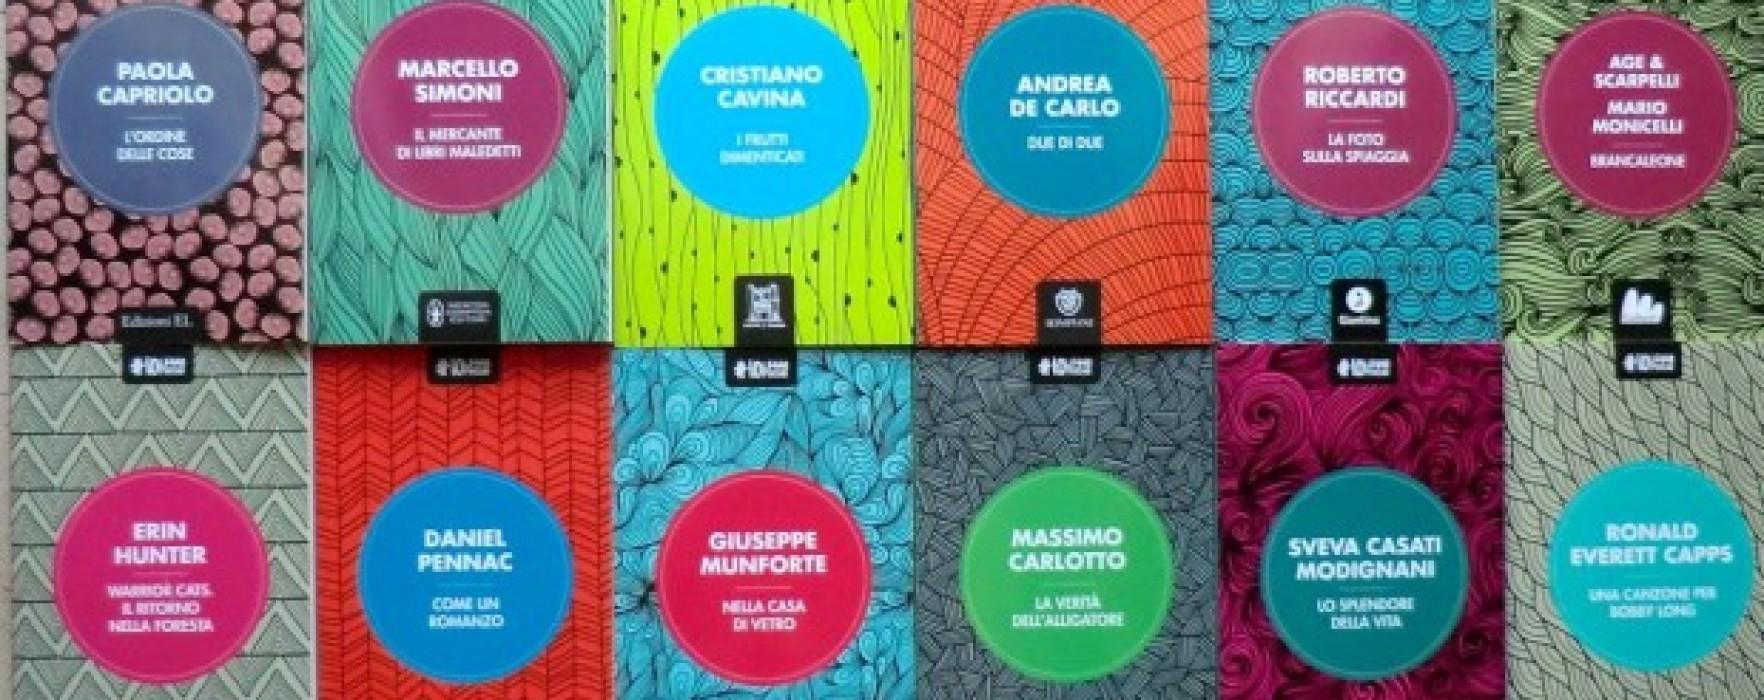 23 aprile – Giornata Mondiale del Libro e della Lettura. Leggete, gente, leggete!